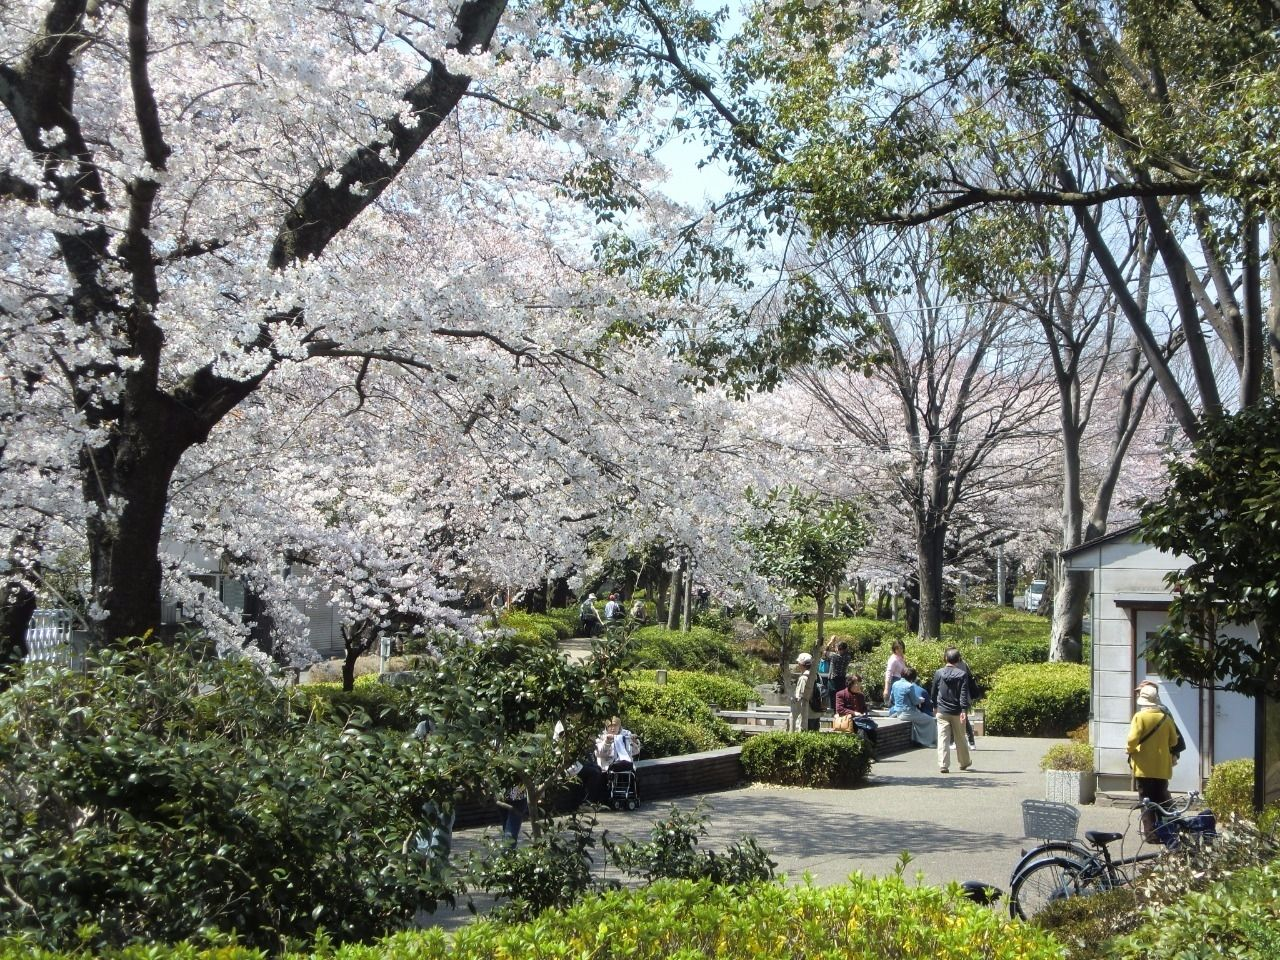 桜の季節にはお花見ができます、さつきハイツから「約320m」